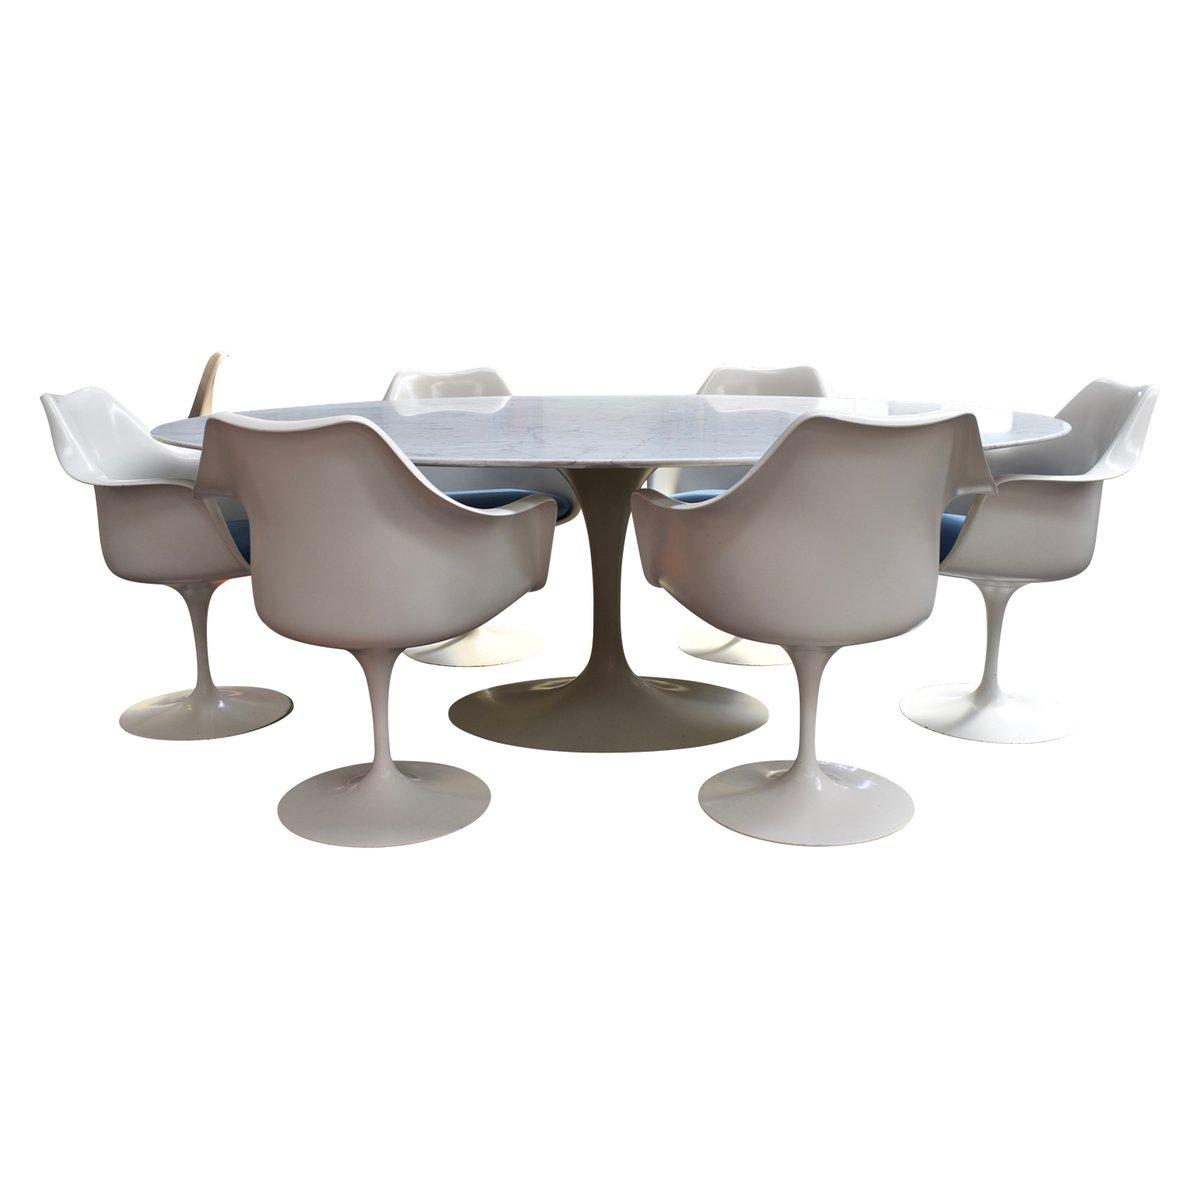 MidCentury Marble Dining Set By Eero Saarinen For Knoll For Sale At - Mid century marble dining table